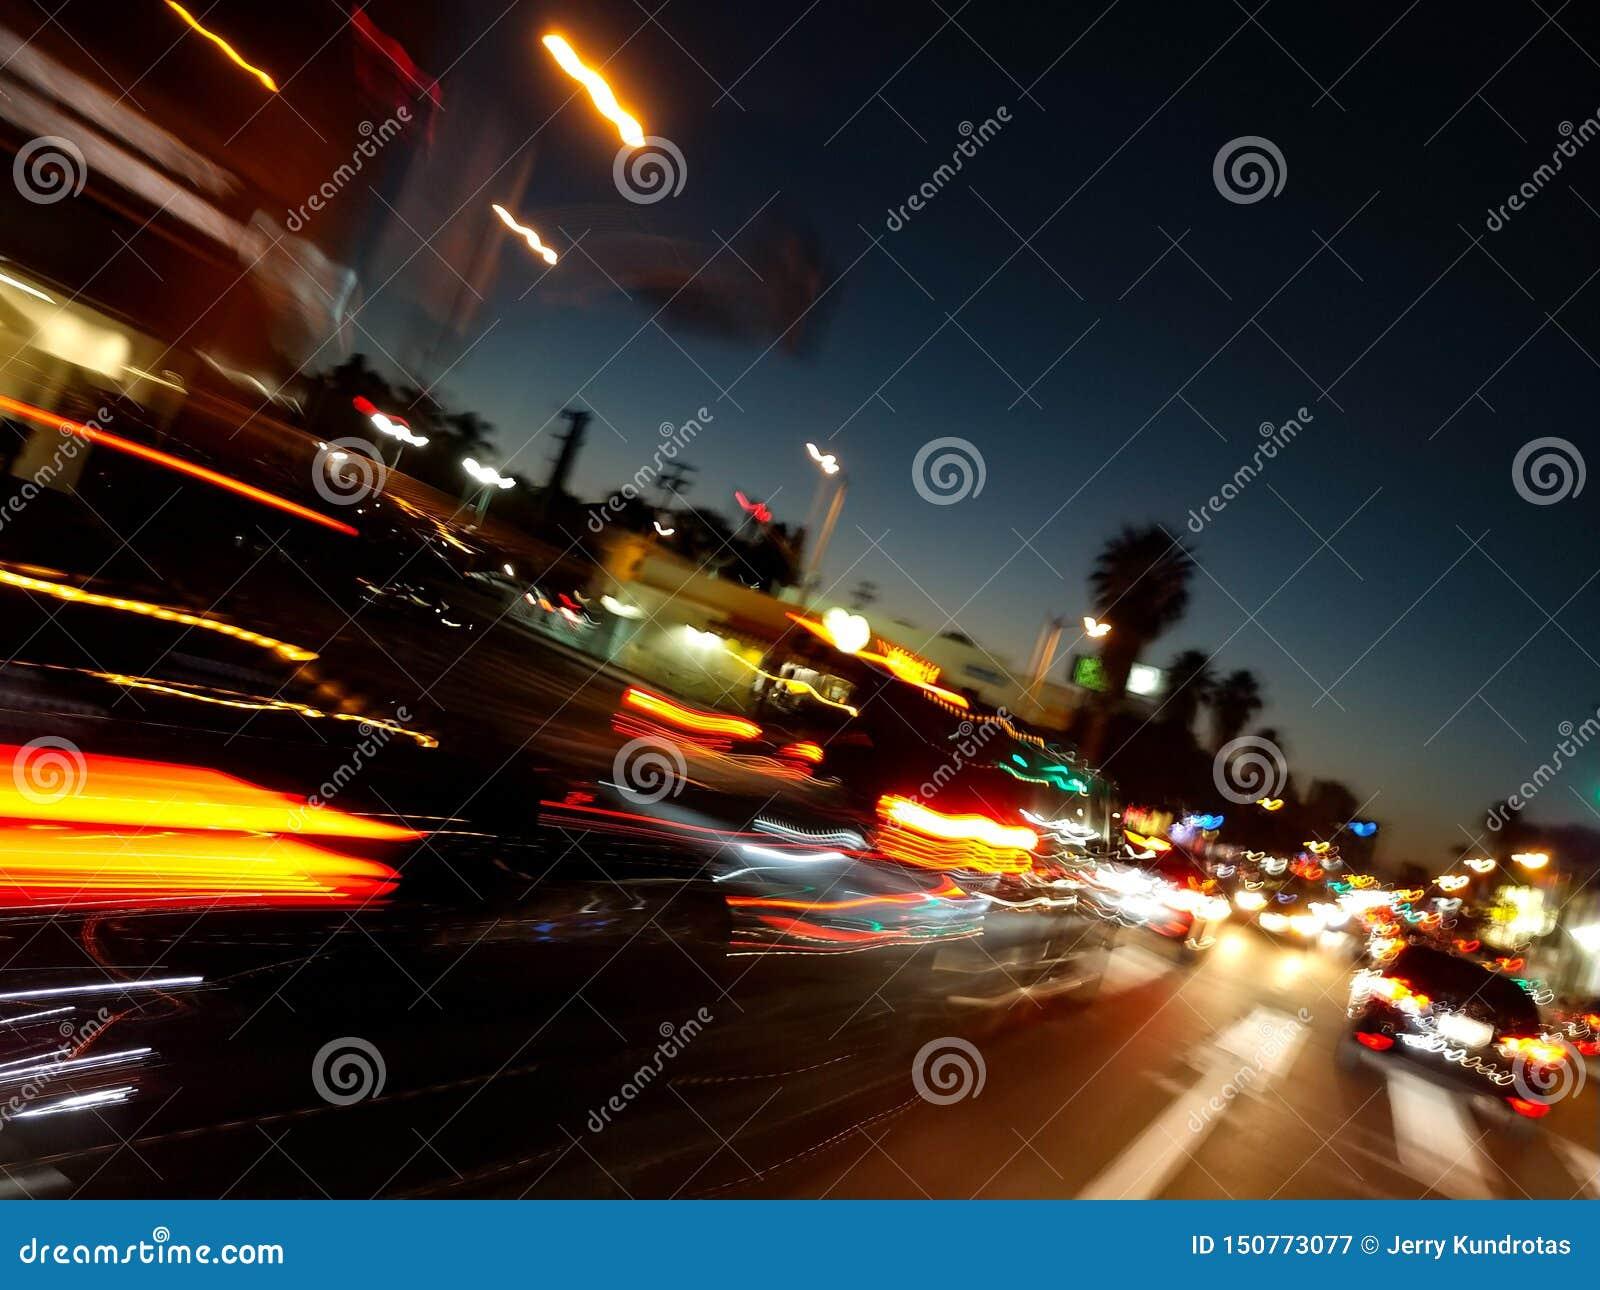 Courses d automobiles d heure de pointe pour arriver à la maison